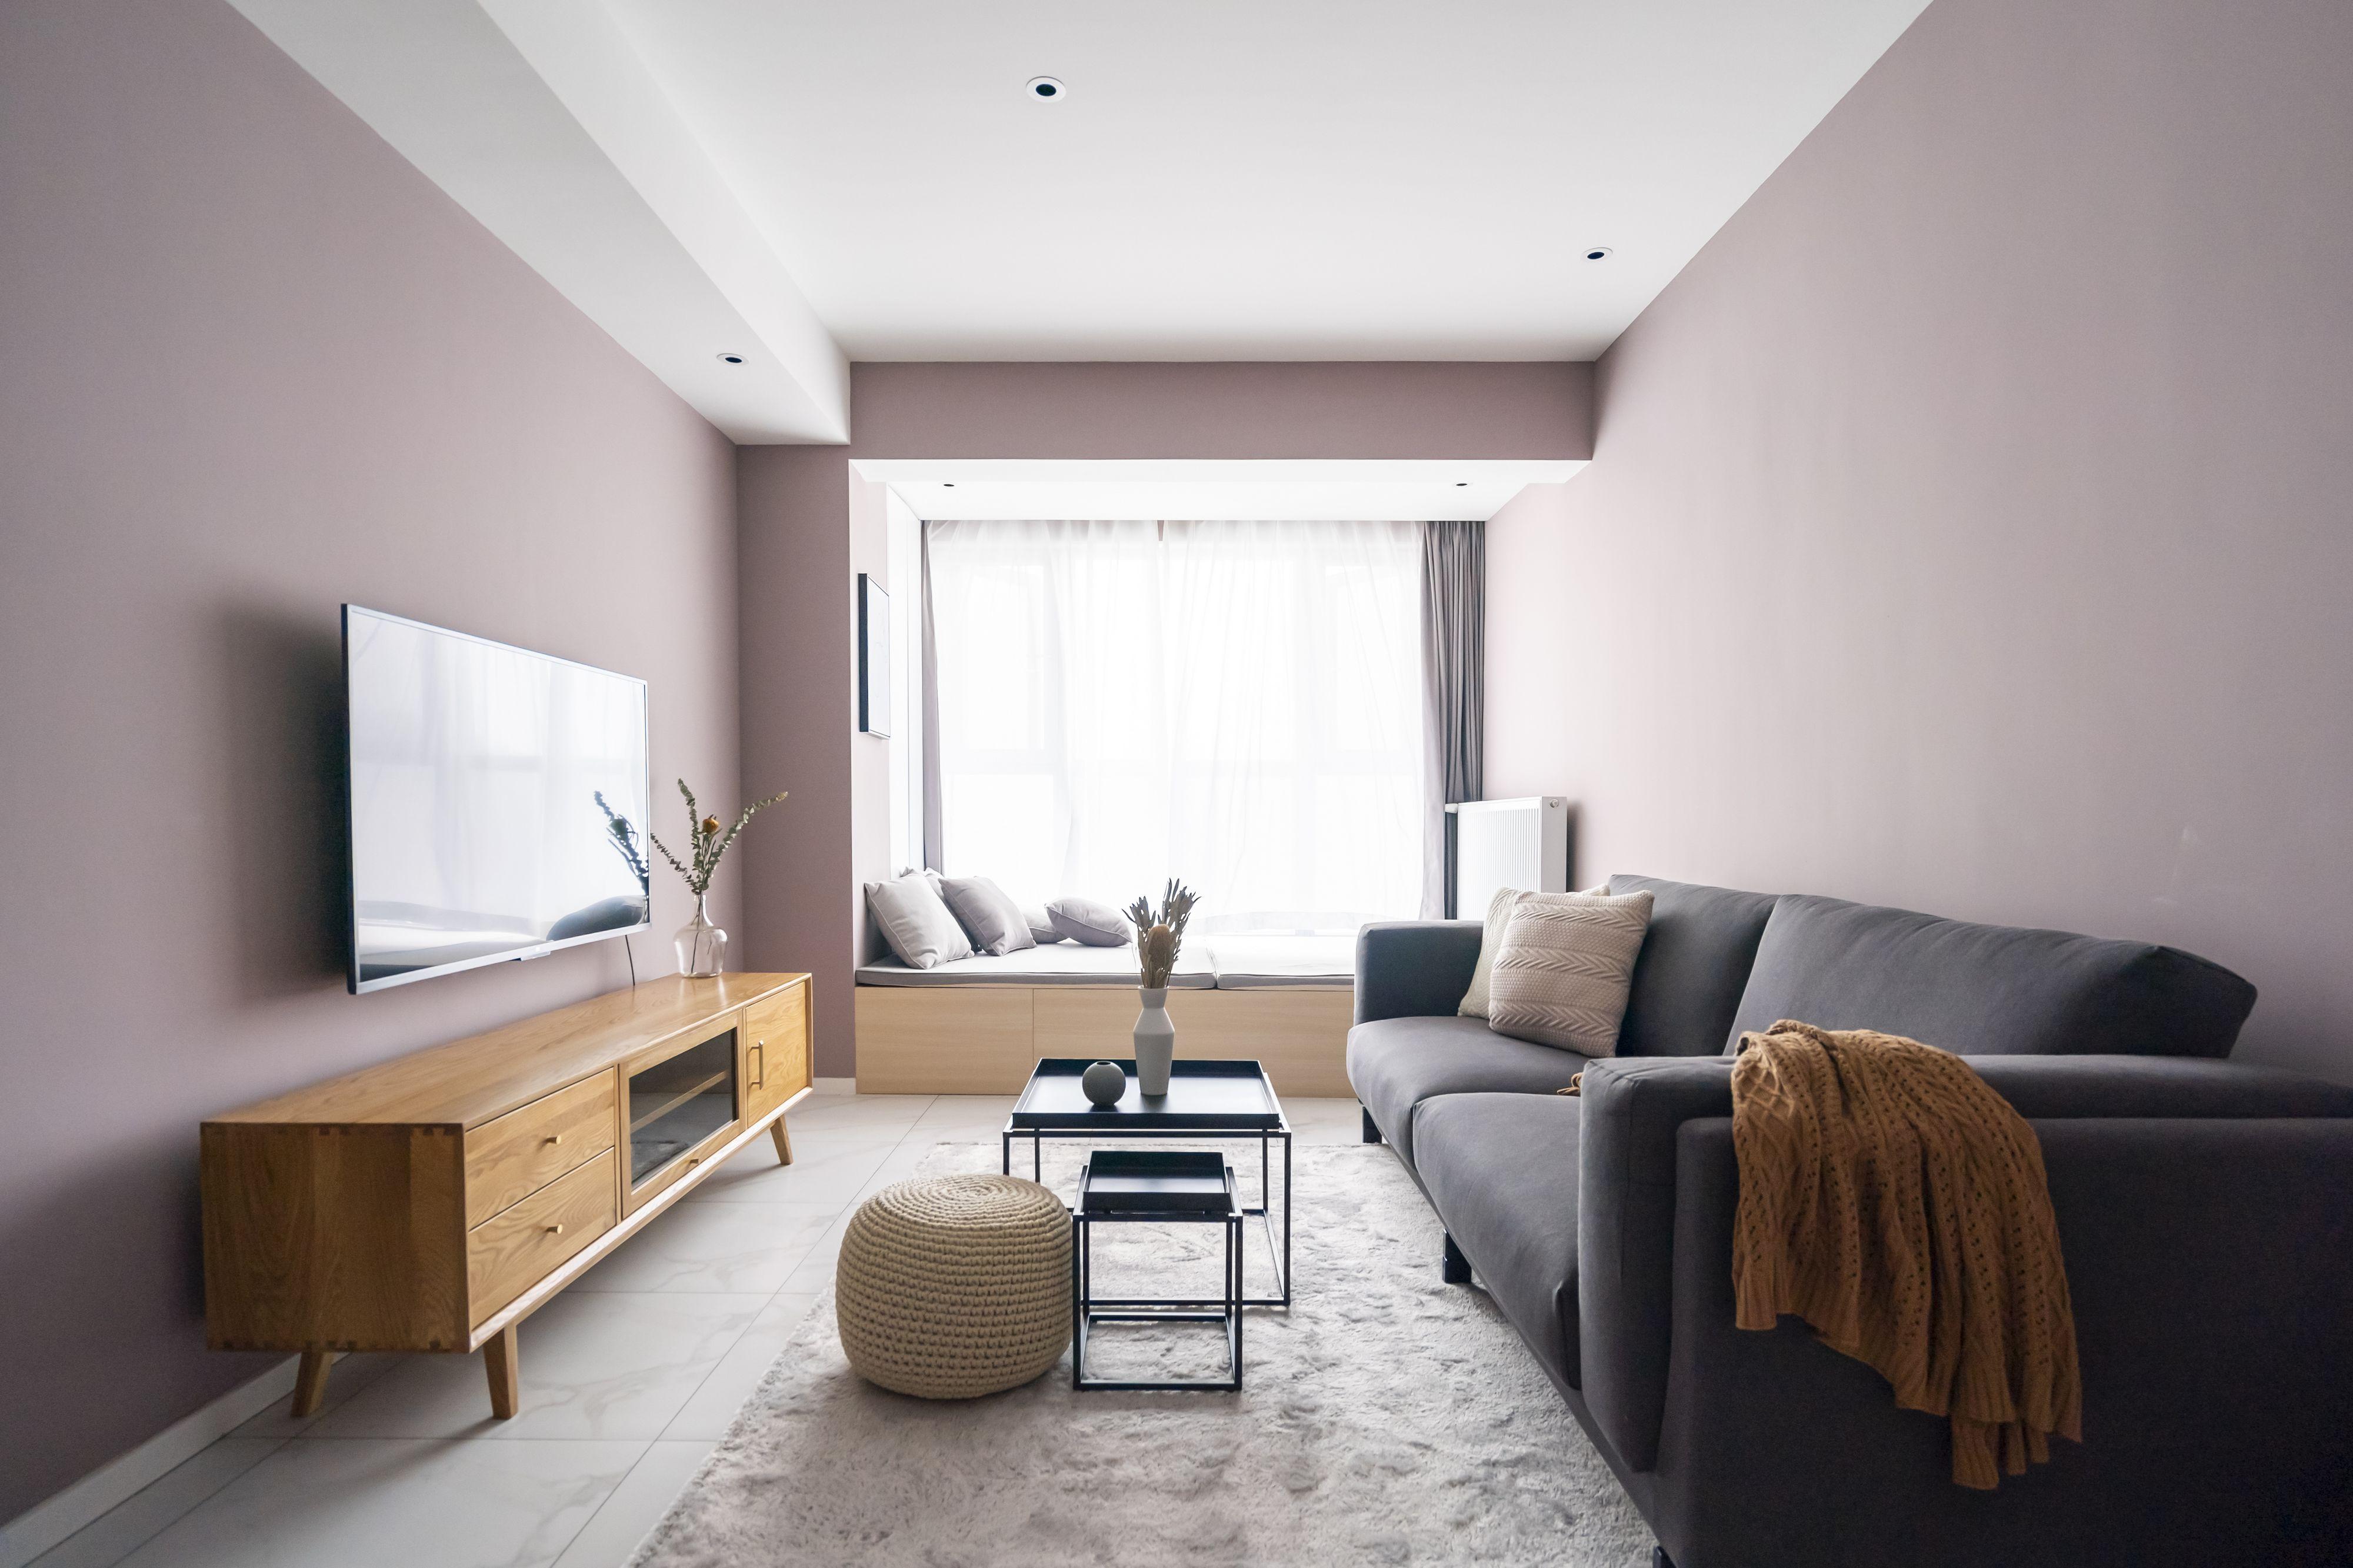 69平米二居室客厅装修效果图